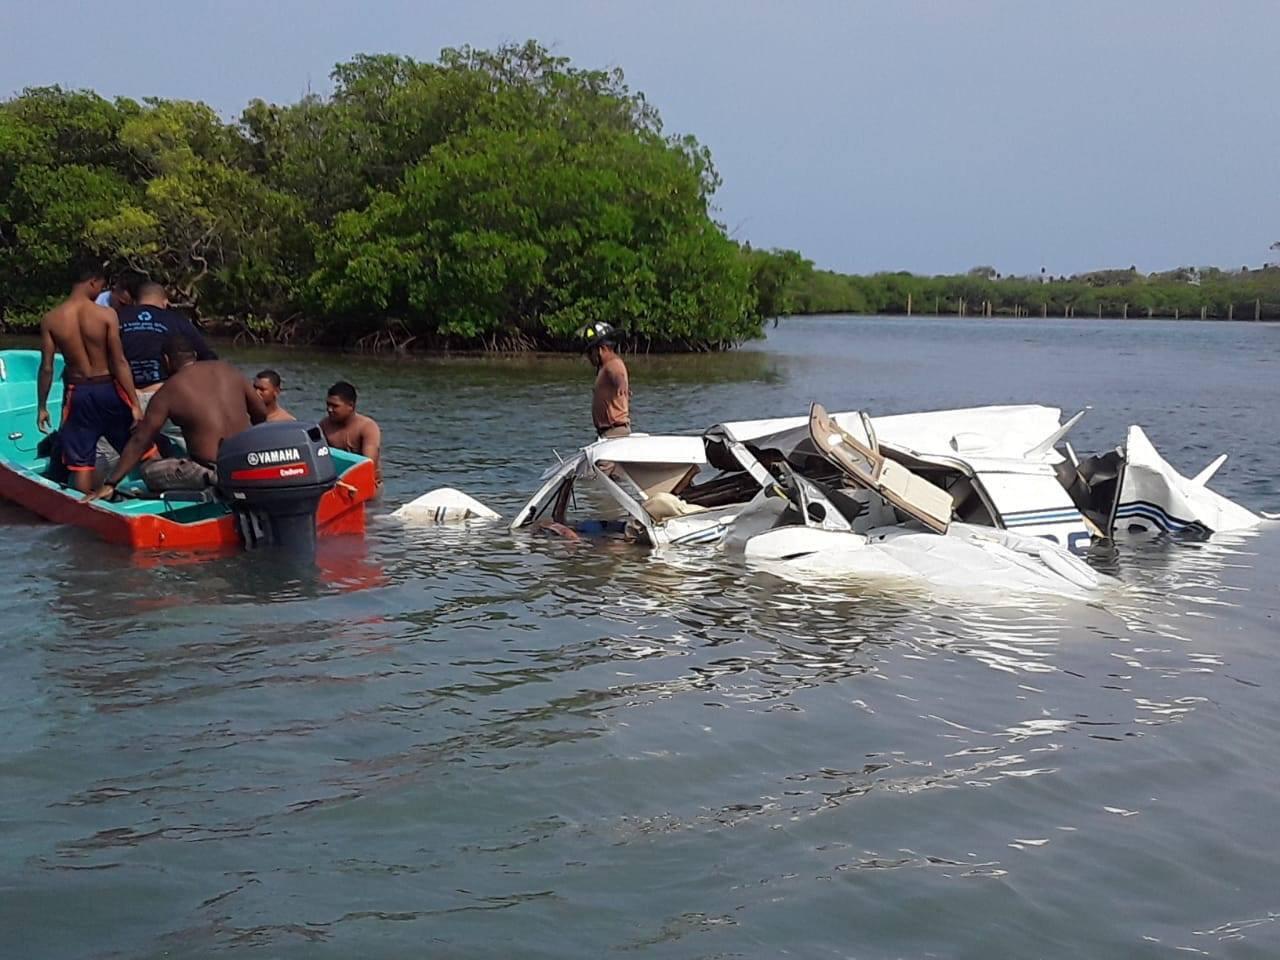 مكان تحطم الطائرة في جزيرة رواتان، هندوراس، 19 مايو 2019